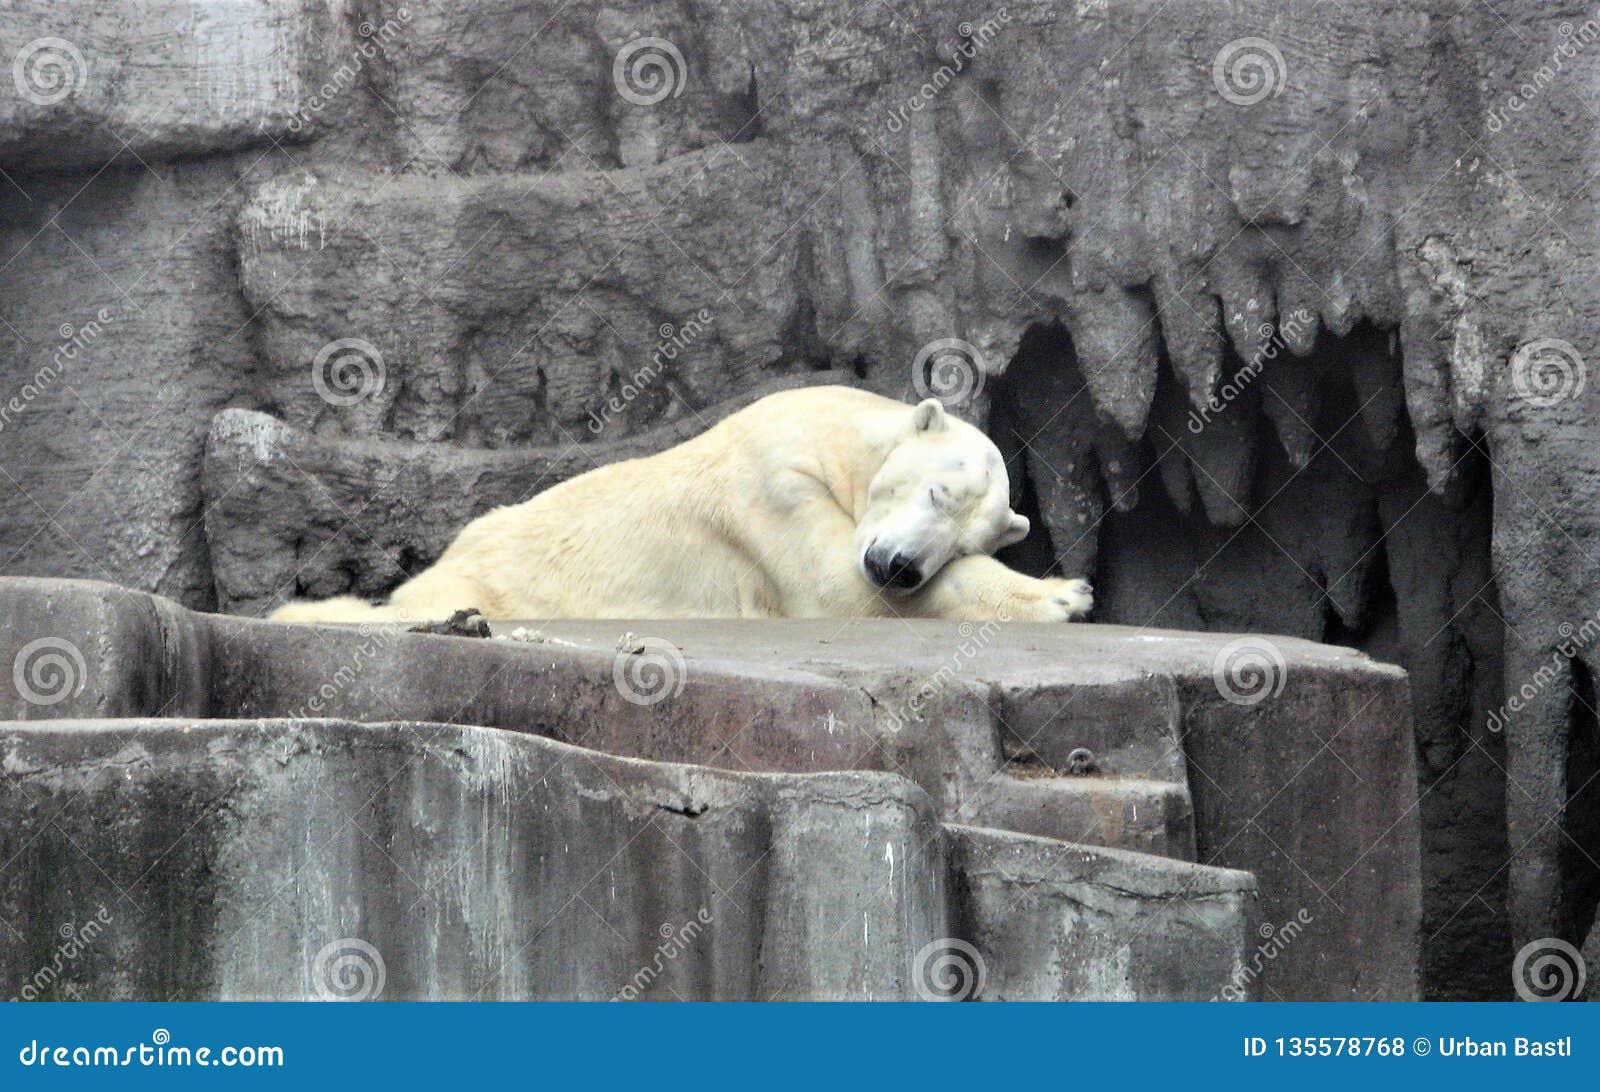 Полярный медведь спит в зоопарке